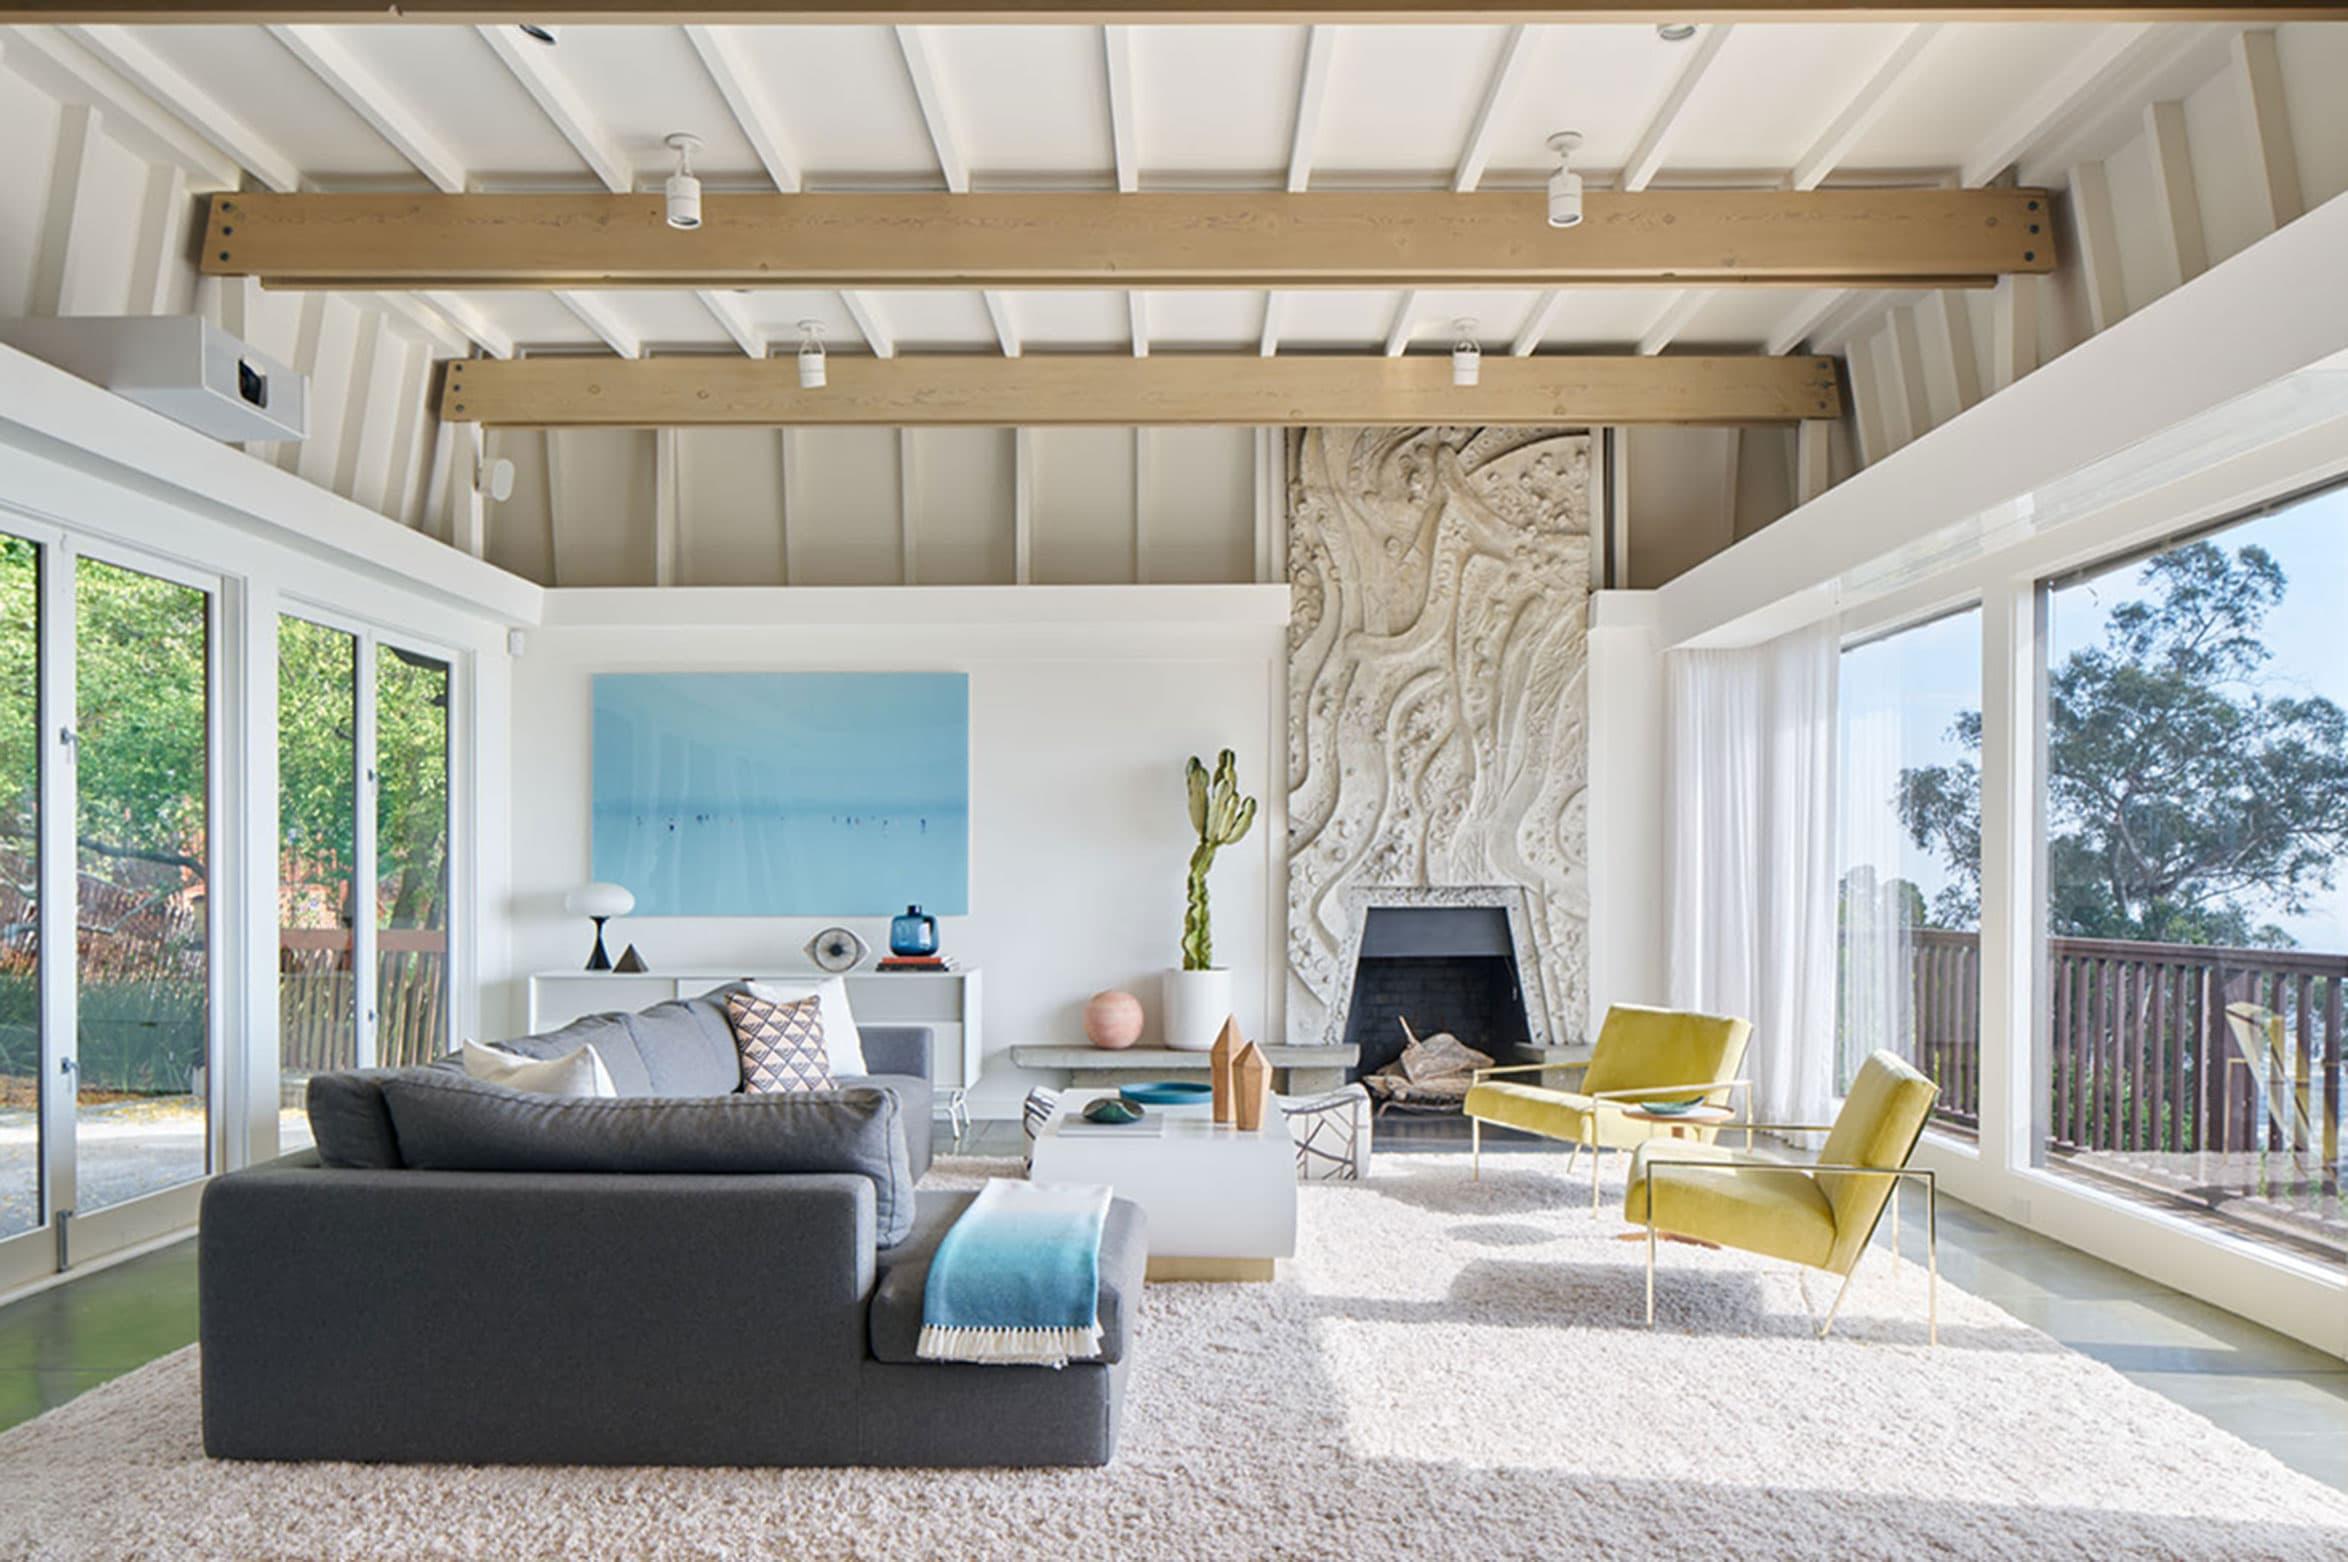 Alison Damonte - Resident Art Living Room view